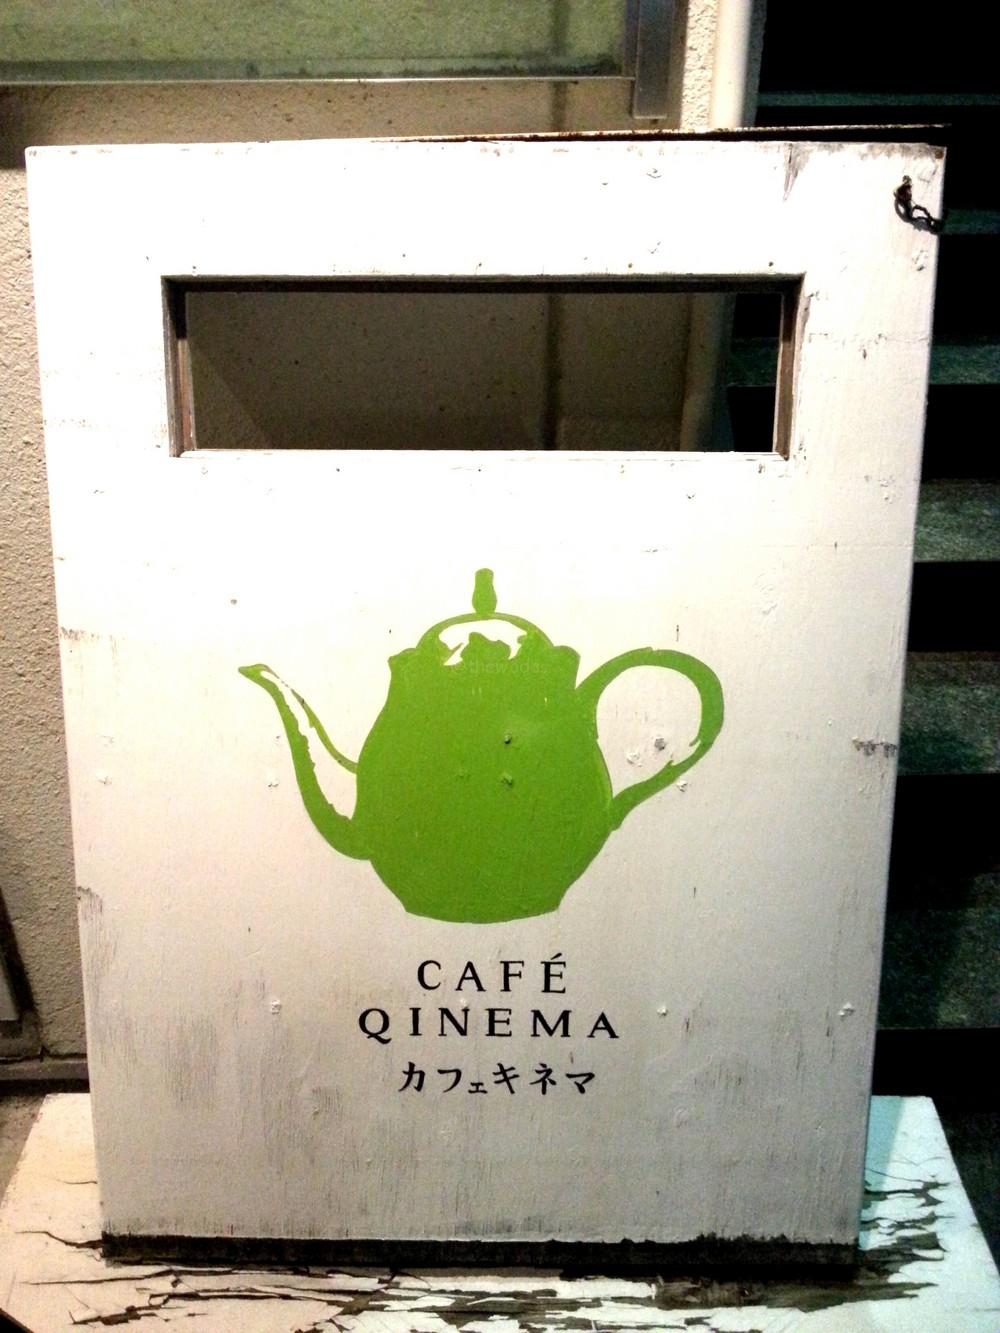 CAFE QINEMA in Toiyacho Okayama